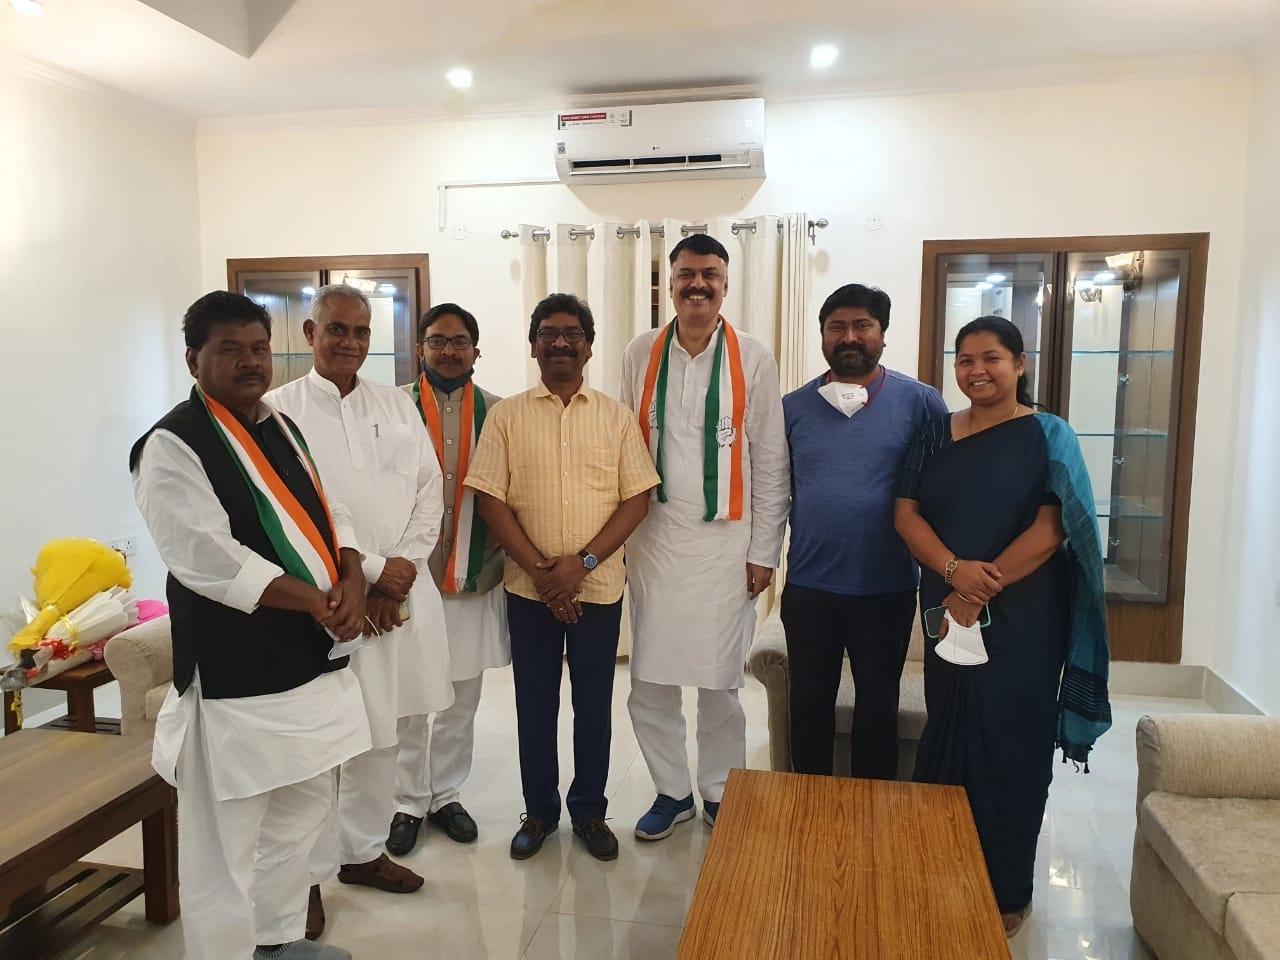 <p>मुख्यमंत्री श्री हेमन्त सोरेन से आज नई दिल्ली में झारखंड कांग्रेस के नवमनोनीत अध्यक्ष श्री राजेश ठाकुर, कार्यकारी अध्यक्ष श्रीमती गीता कोड़ा, श्री बंधु तिर्की, श्री जलेश्वर महतो…